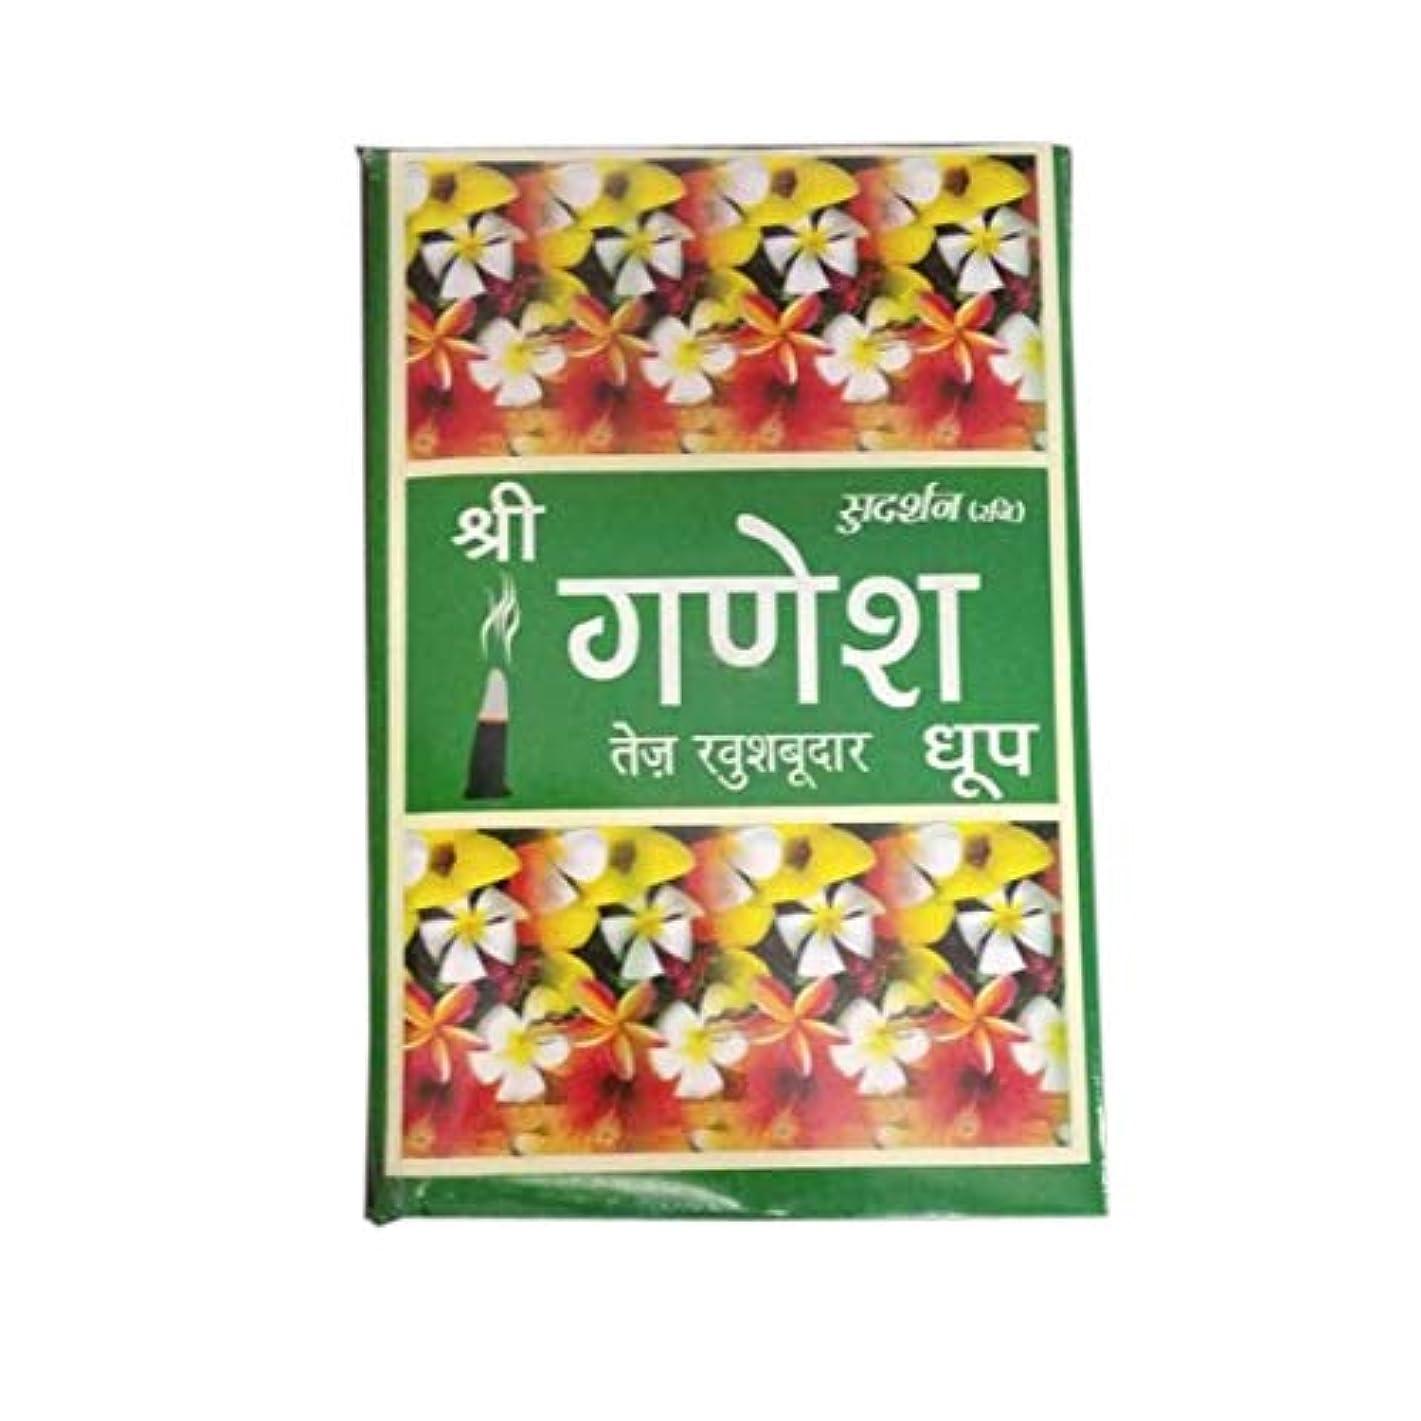 追跡権威戸惑うTotal Home :Sudarshan Shri Ganesh Highly Perfumed dhoop Fragrance for Positivity & Freshness Fragrance Dhoop Batti...